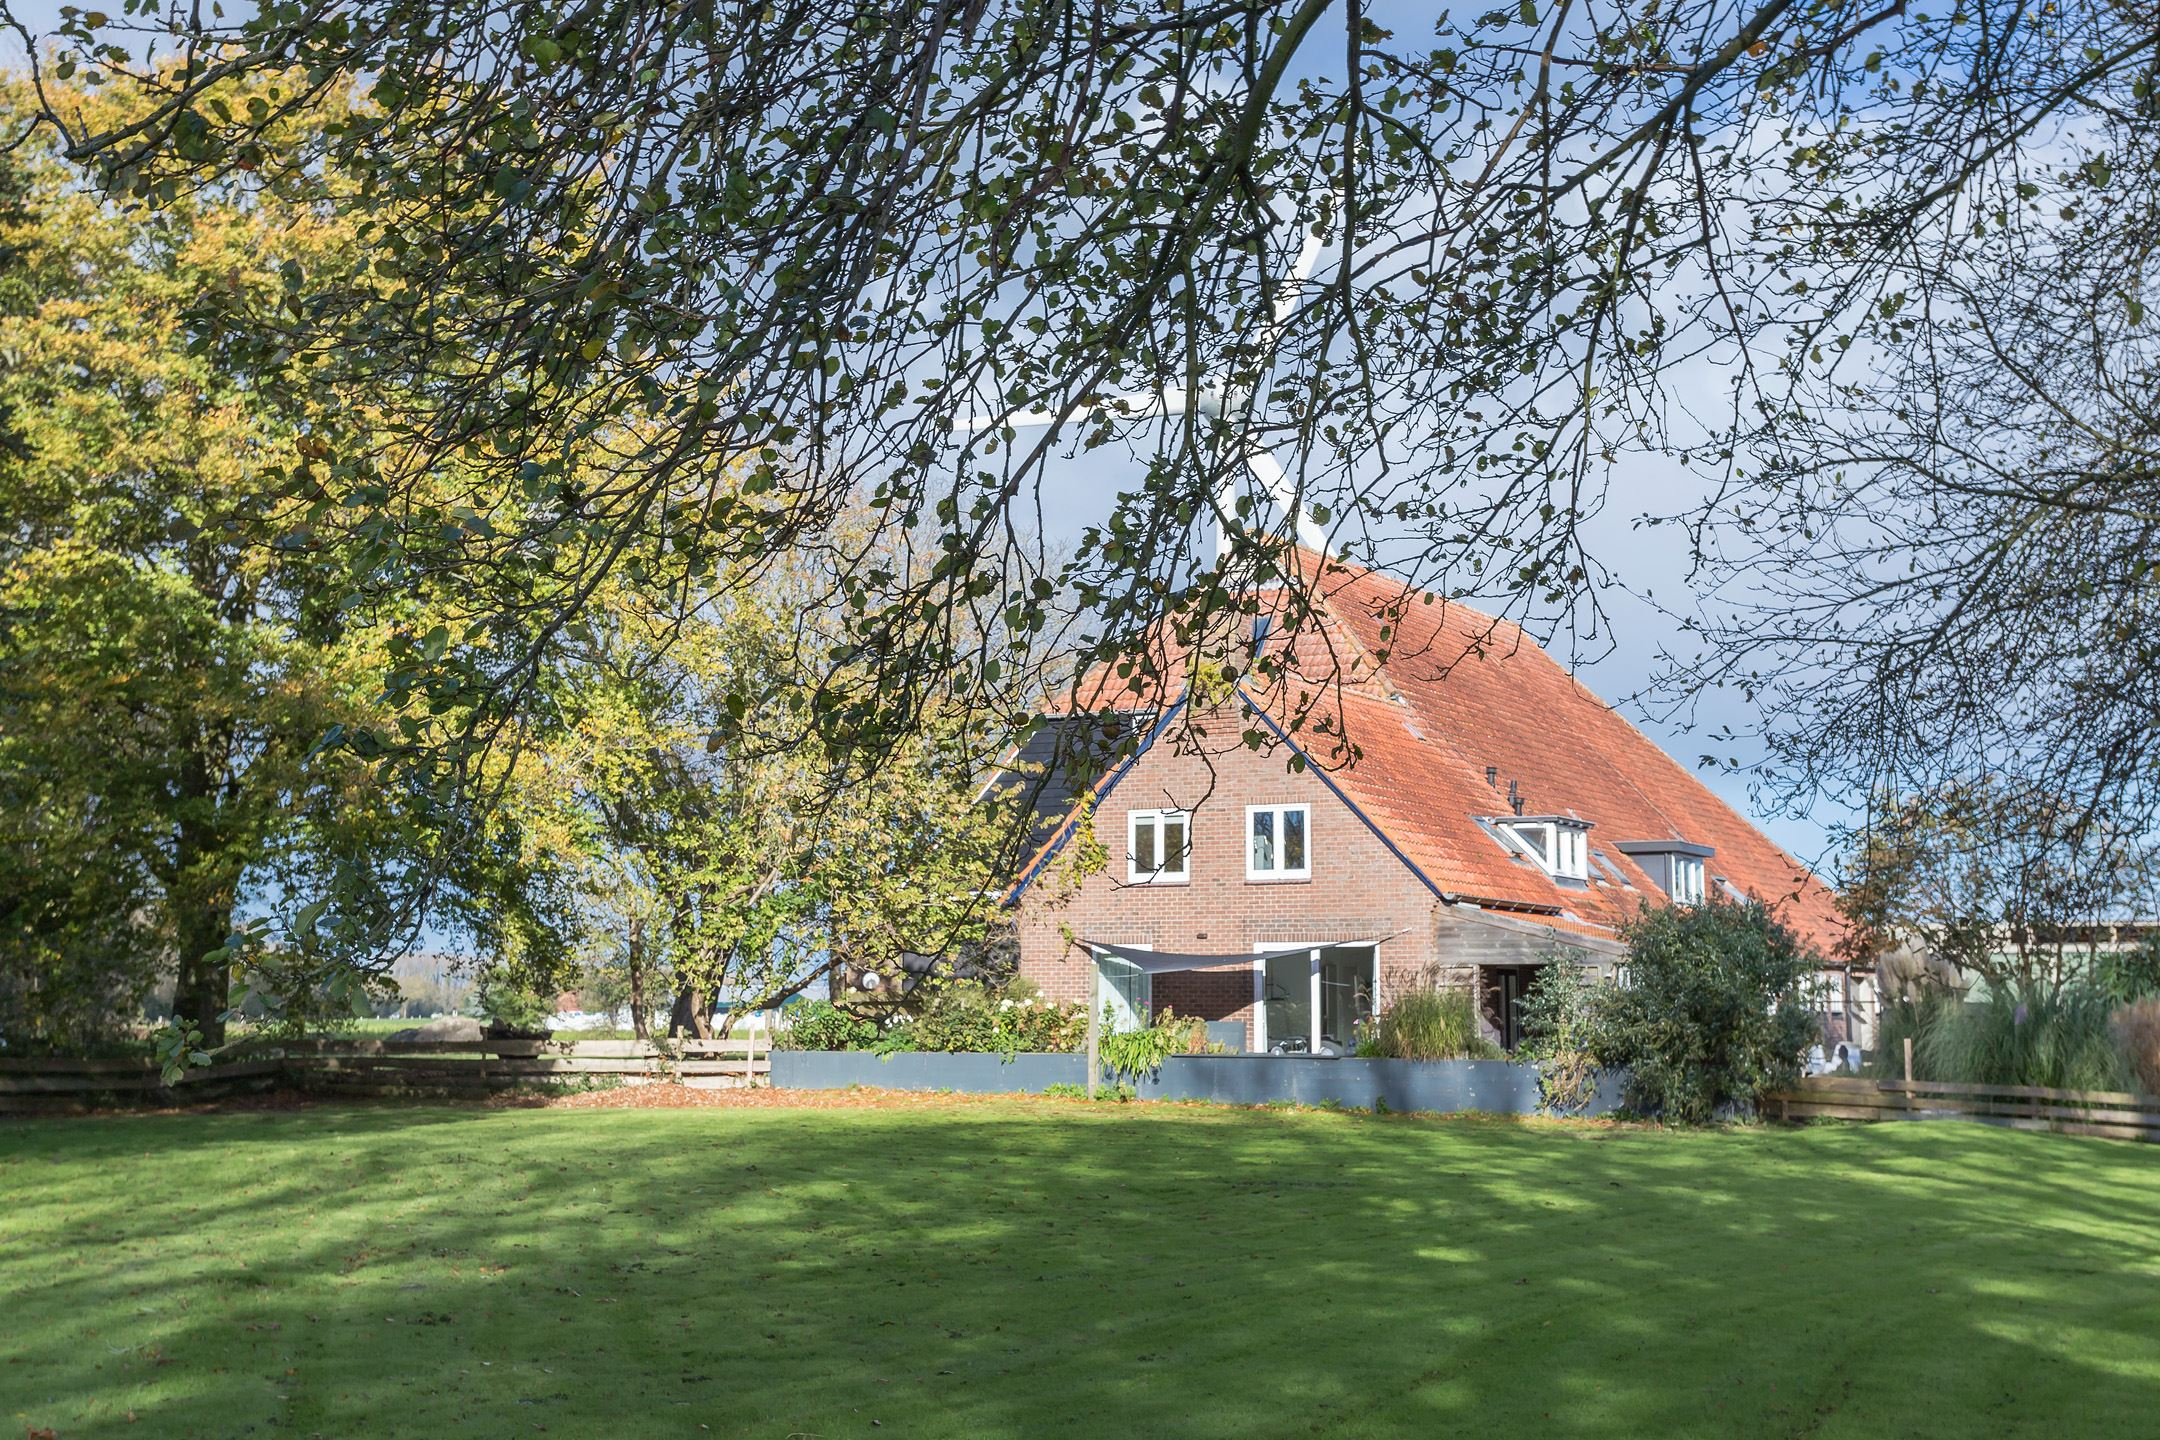 Landelijk Wonen Funda : Huis te koop: medemblikkerweg 17 1771 sc wieringerwerf [funda]